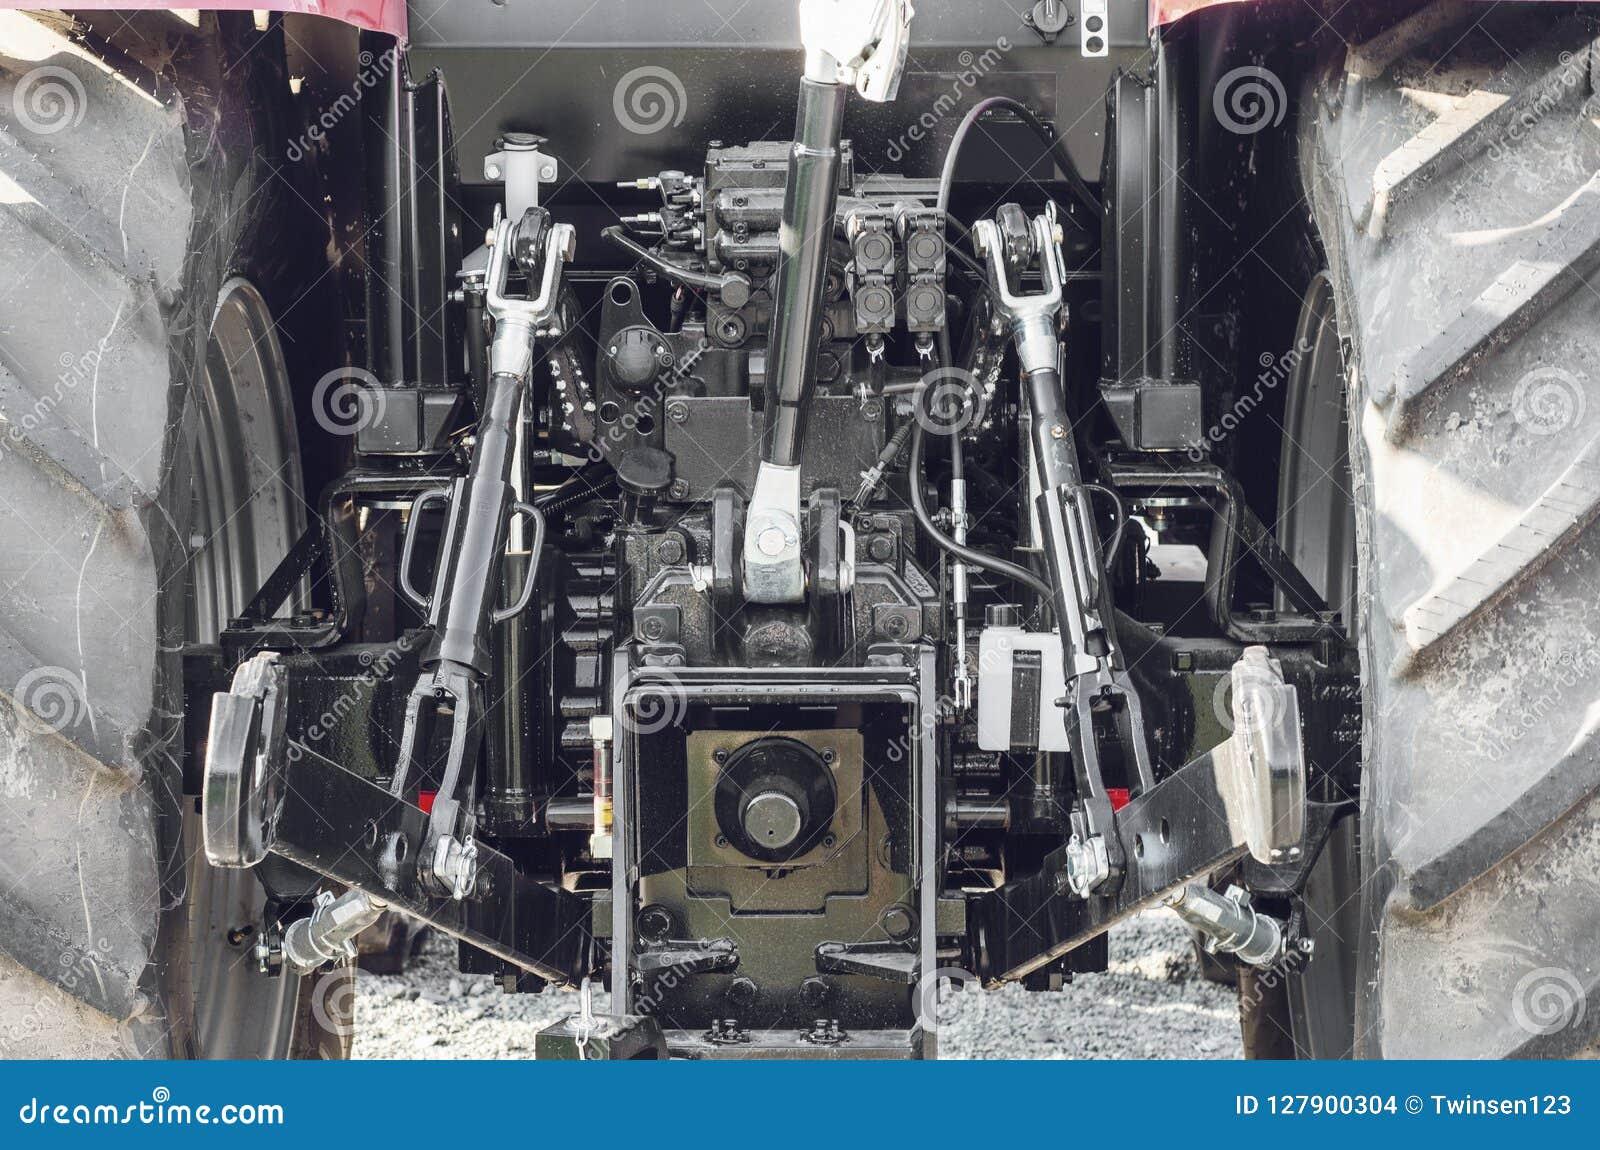 зад, корабль, автомобиль, отбуксировка, мотор, частный, часть, трактор-установленная, для, тип, авария, нагрузка, полезная нагруз